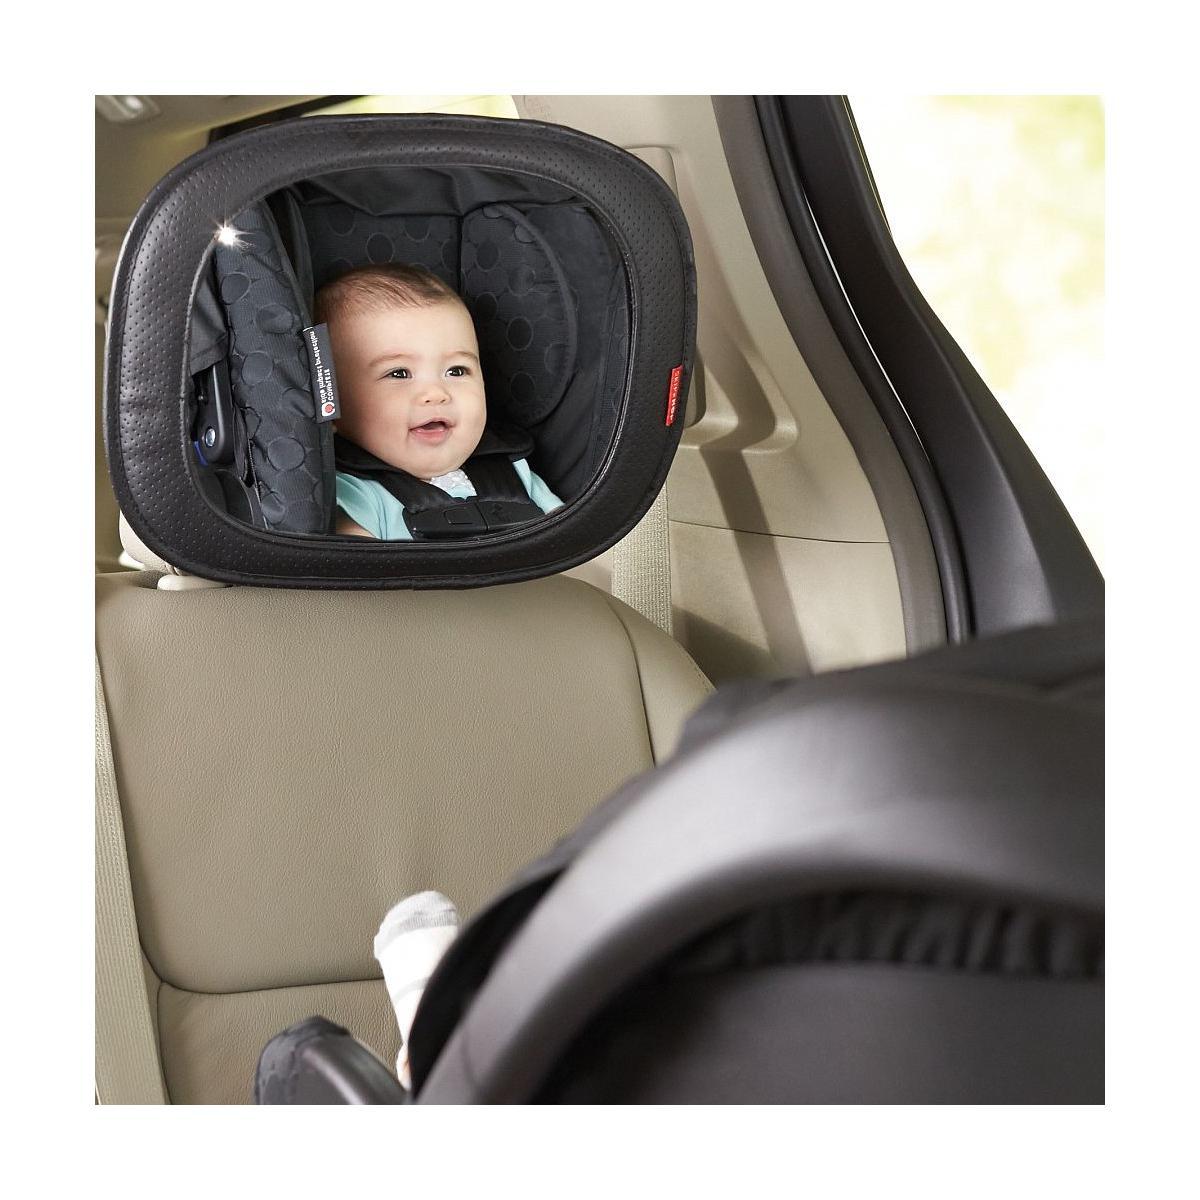 Miroir sécurité bébé OTG STYLE DRIVEN Skip Hop tonal chevron